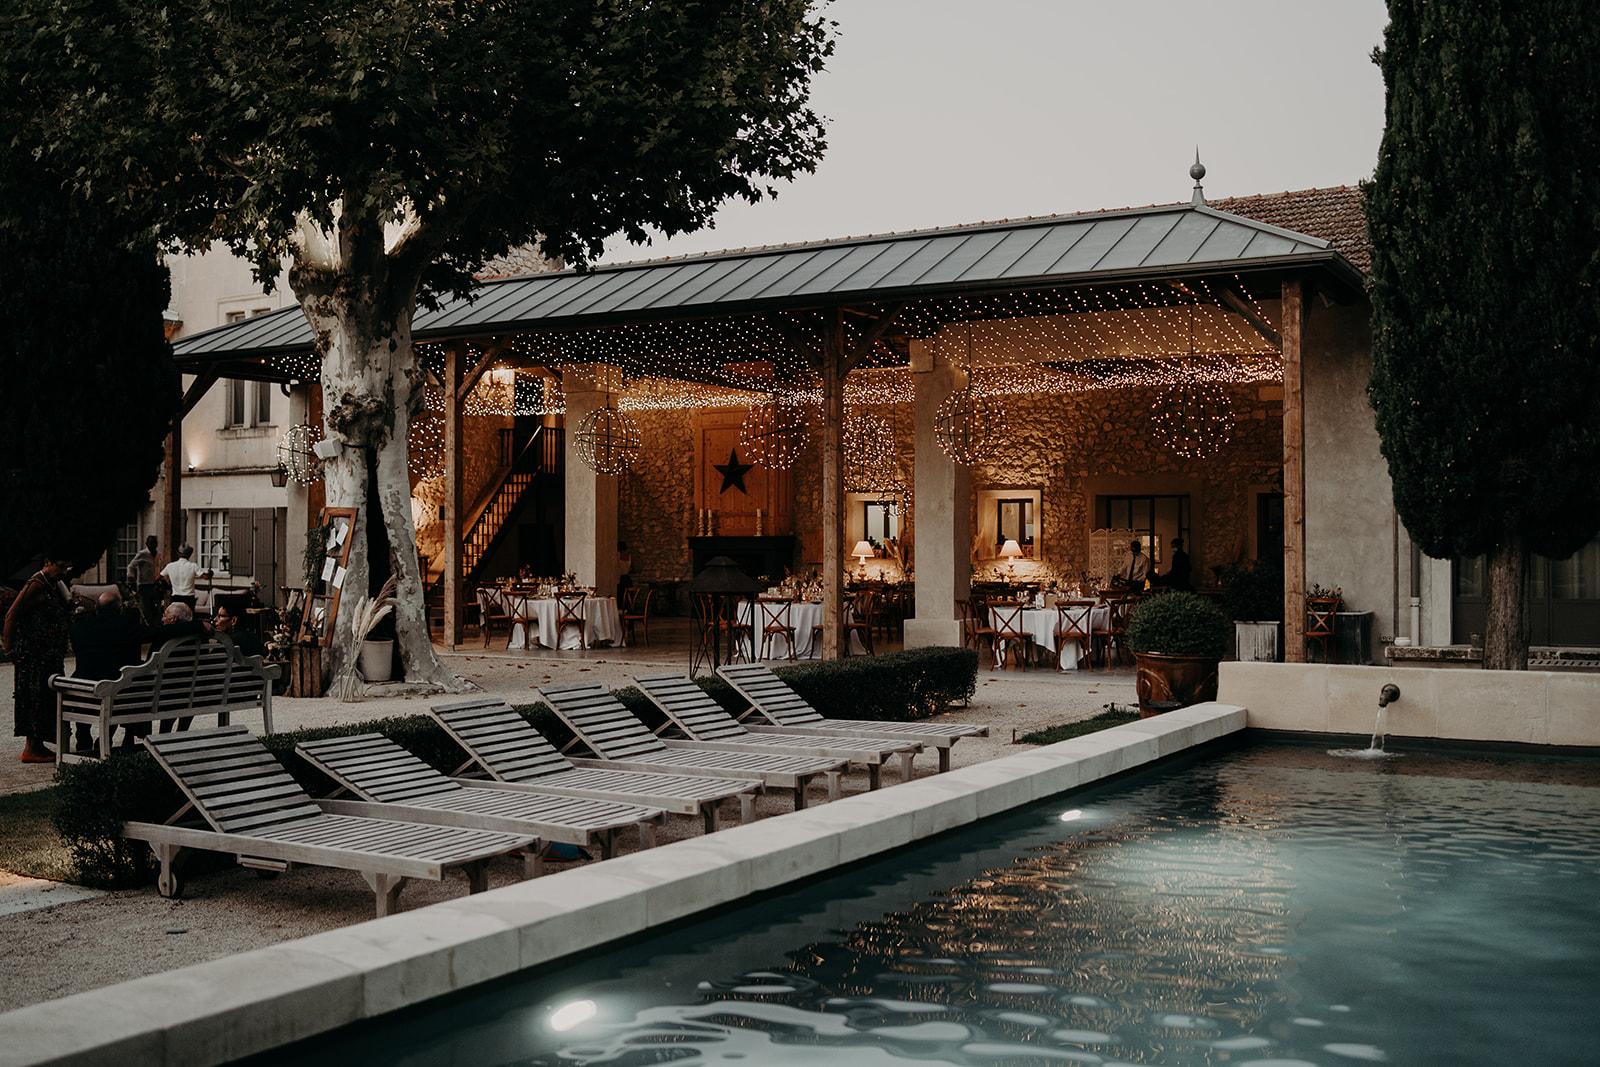 latw ck mas arvieux soiree 9 135 - Top 10 des plus beaux lieux pour votre mariage en France